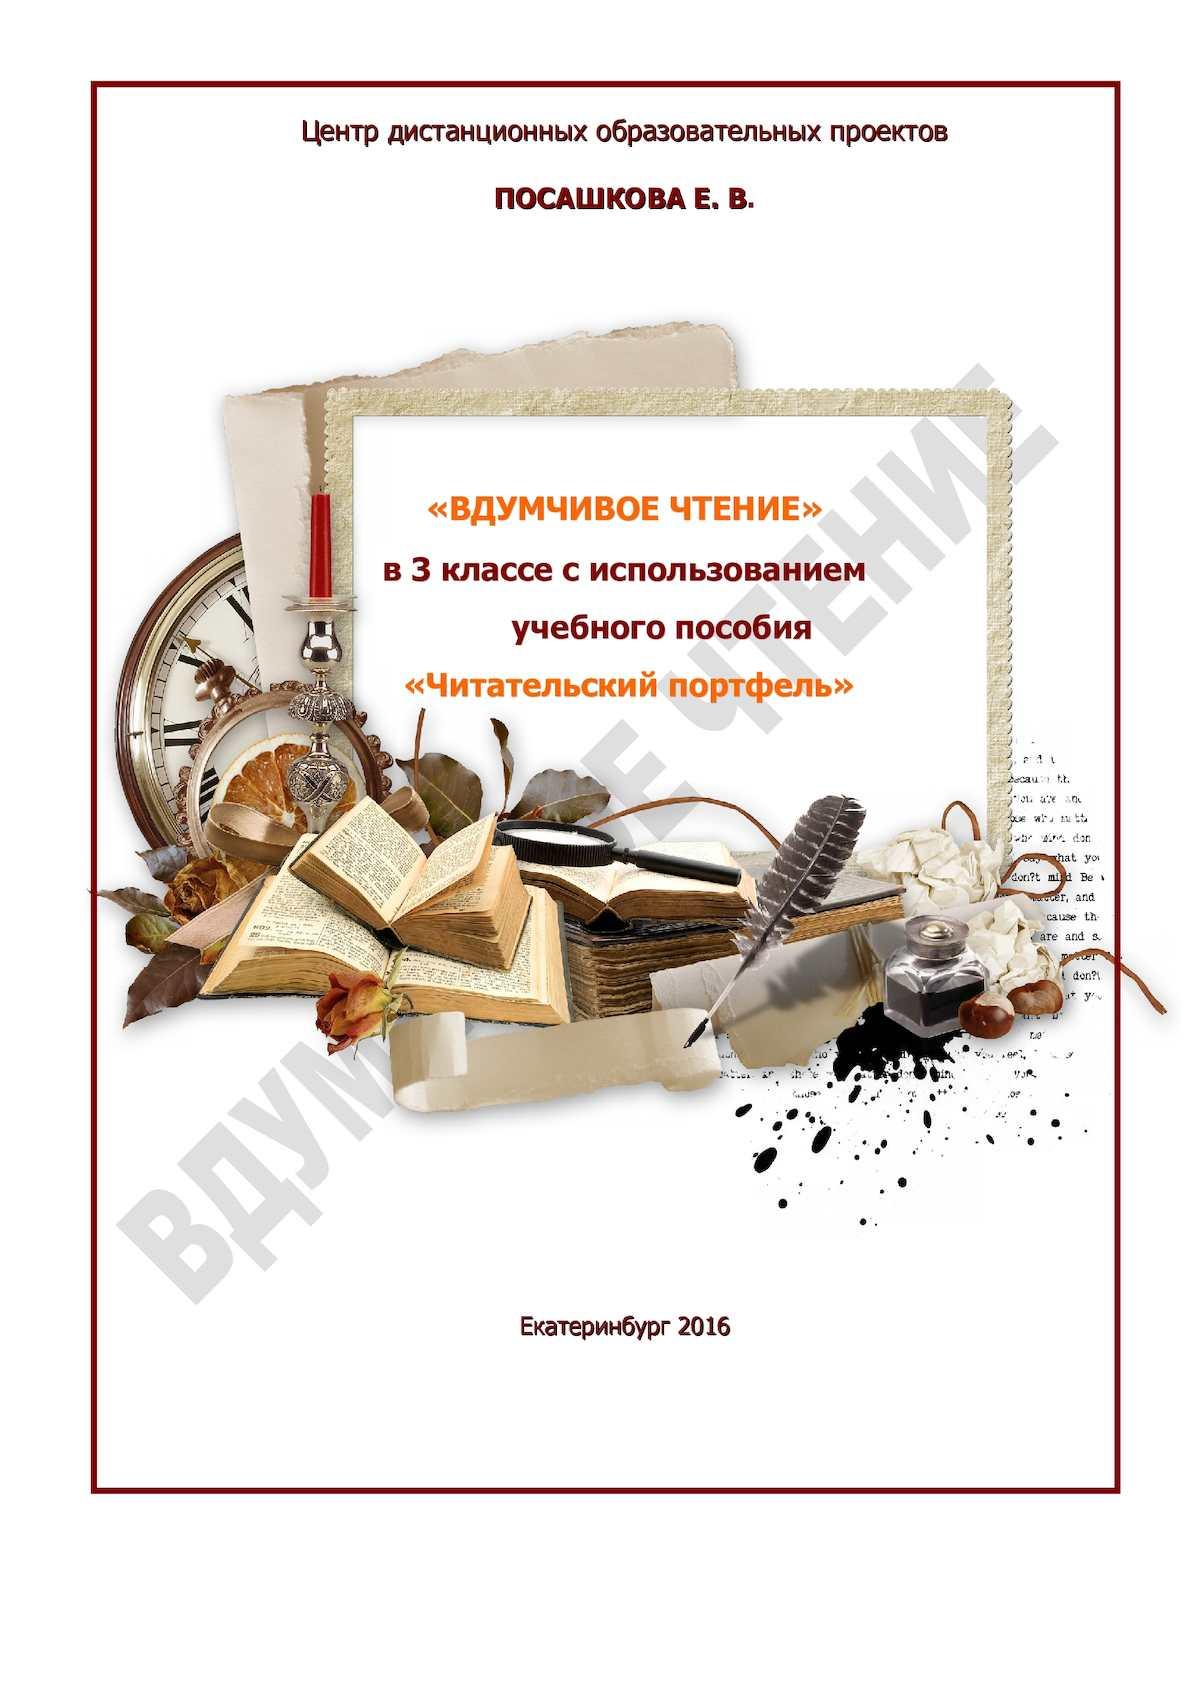 Методическое пособие для 3 класса по программе «Вдумчивое чтение»